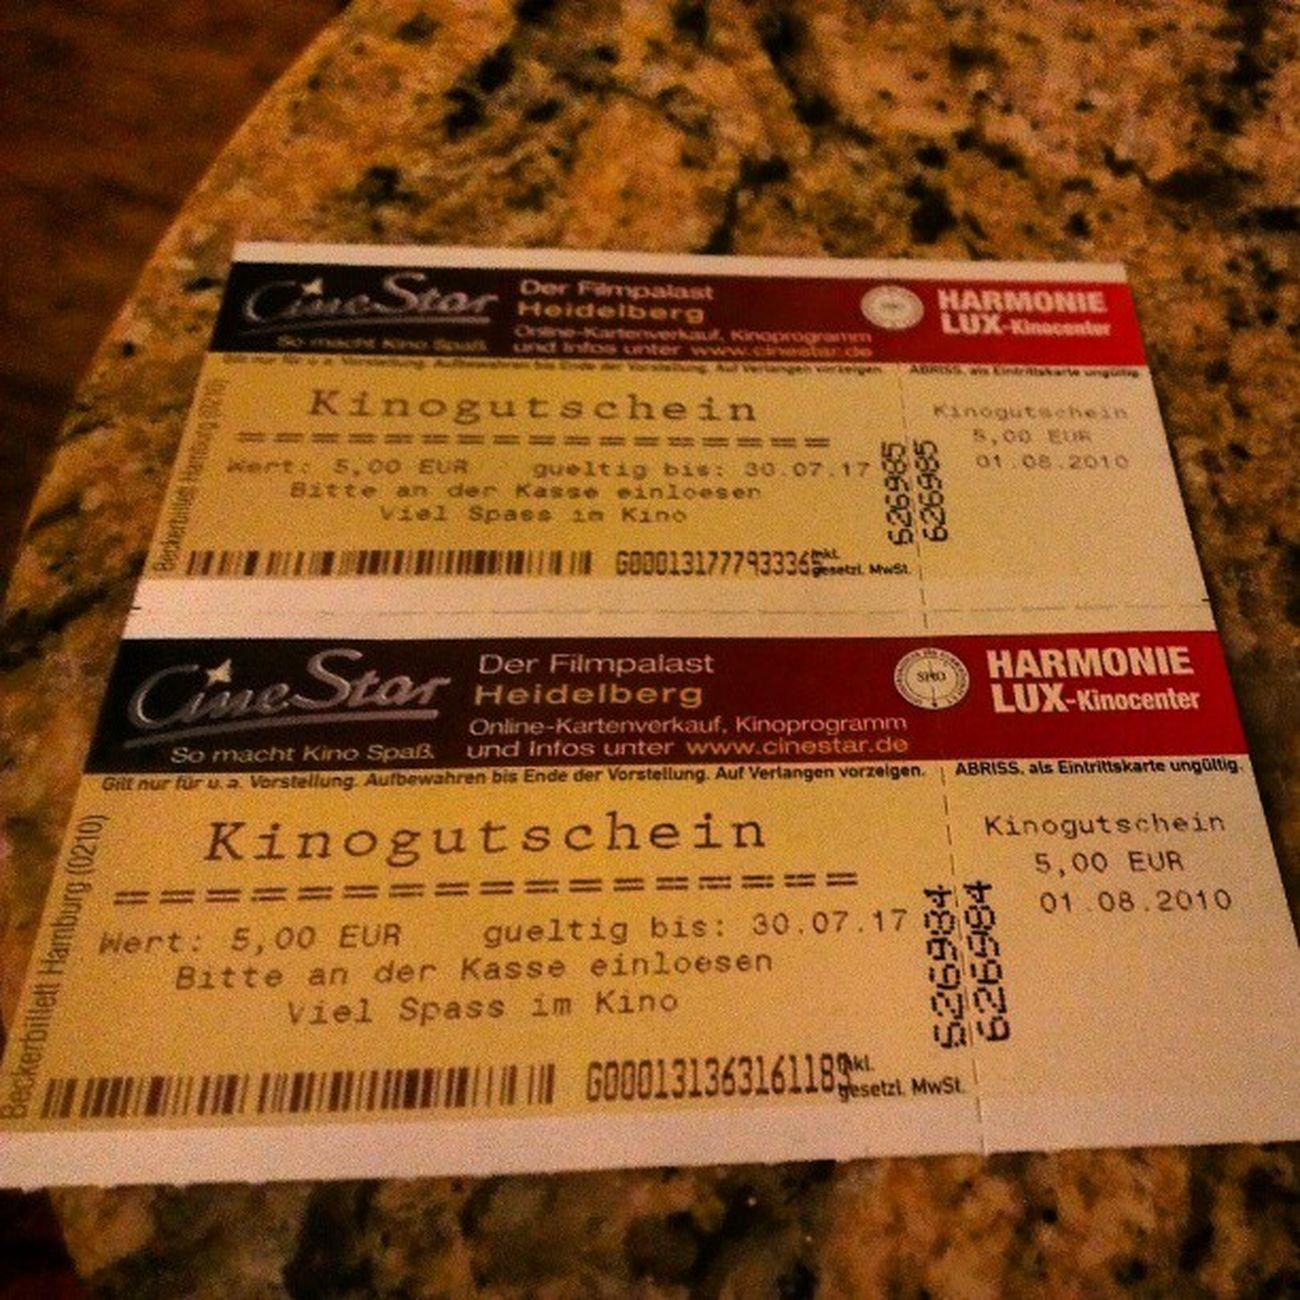 Hoffen wit mal, dass die Gutscheine im Cinestar in Ludwigshafen Gültigkeit haben. Kino